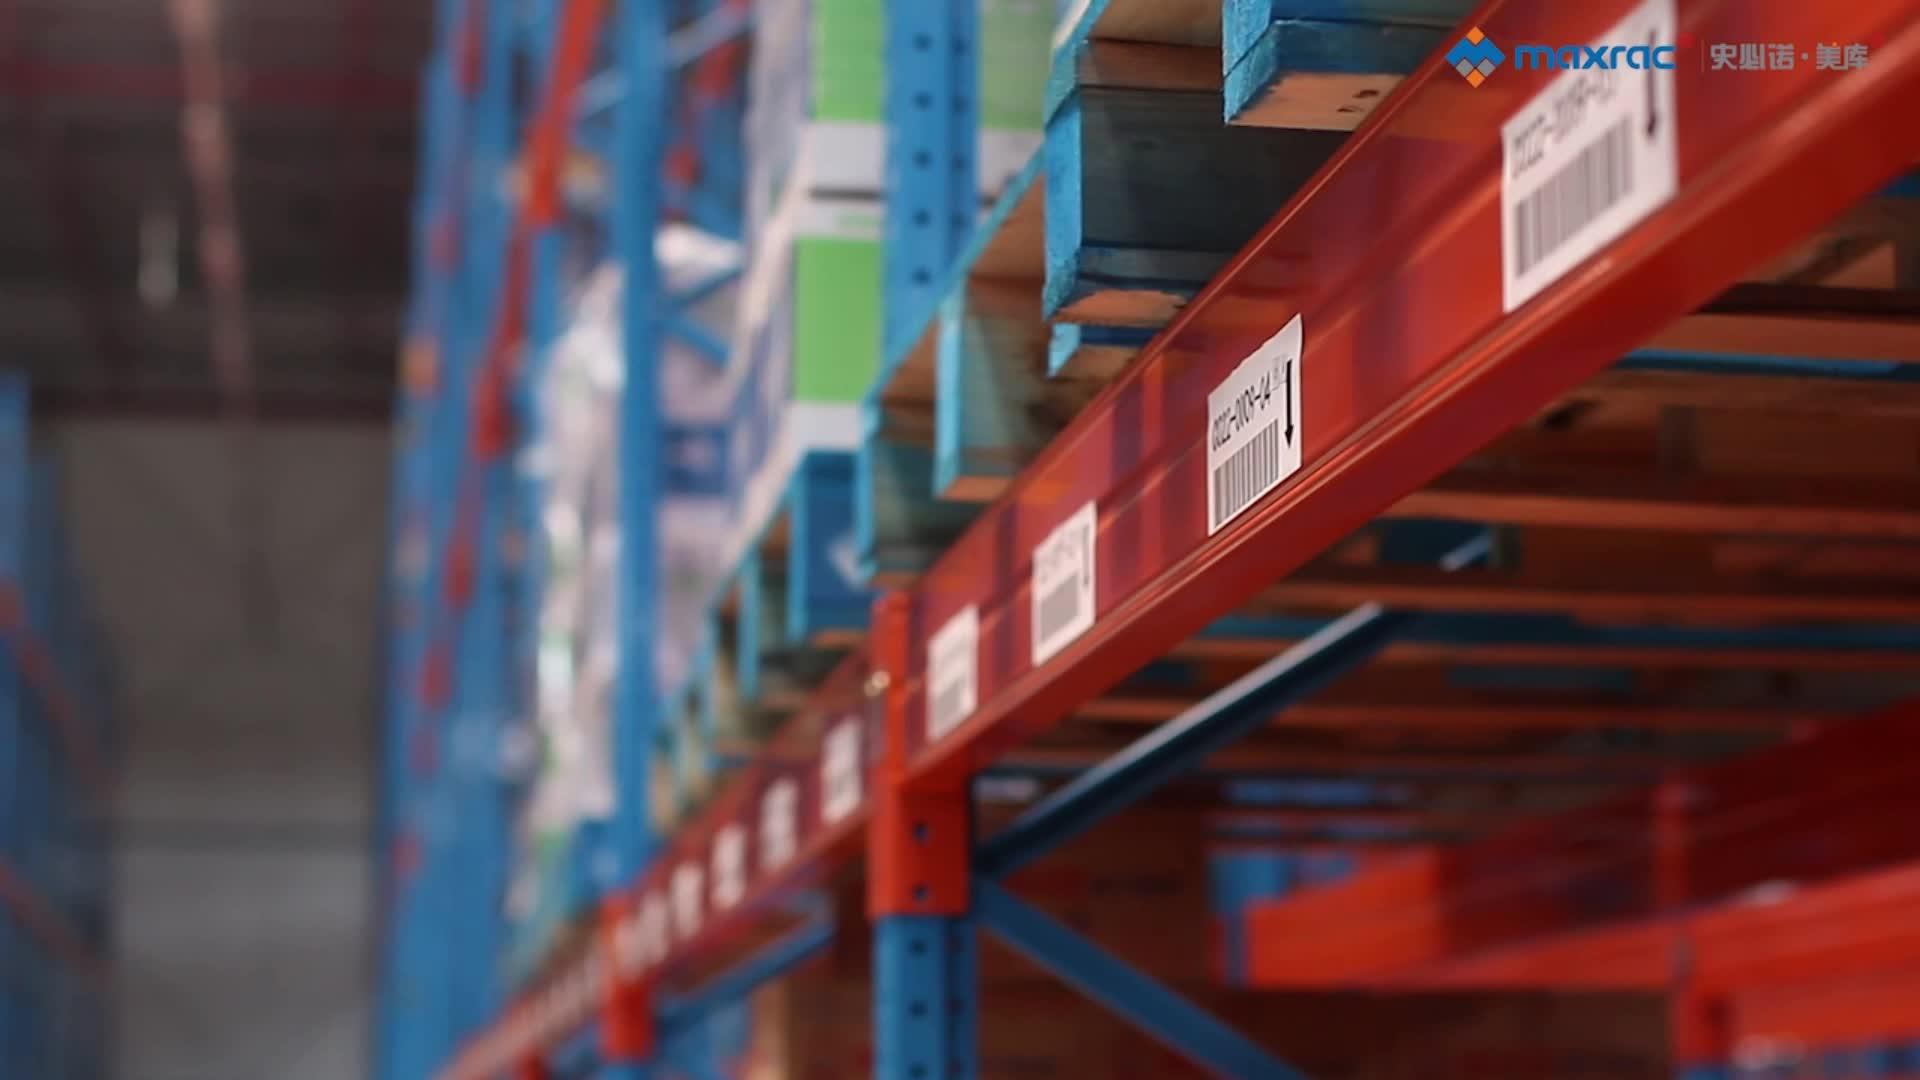 Maxrac estantes de almacenamiento ropa rack percha para prendas de vestir de almacenamiento estanterías